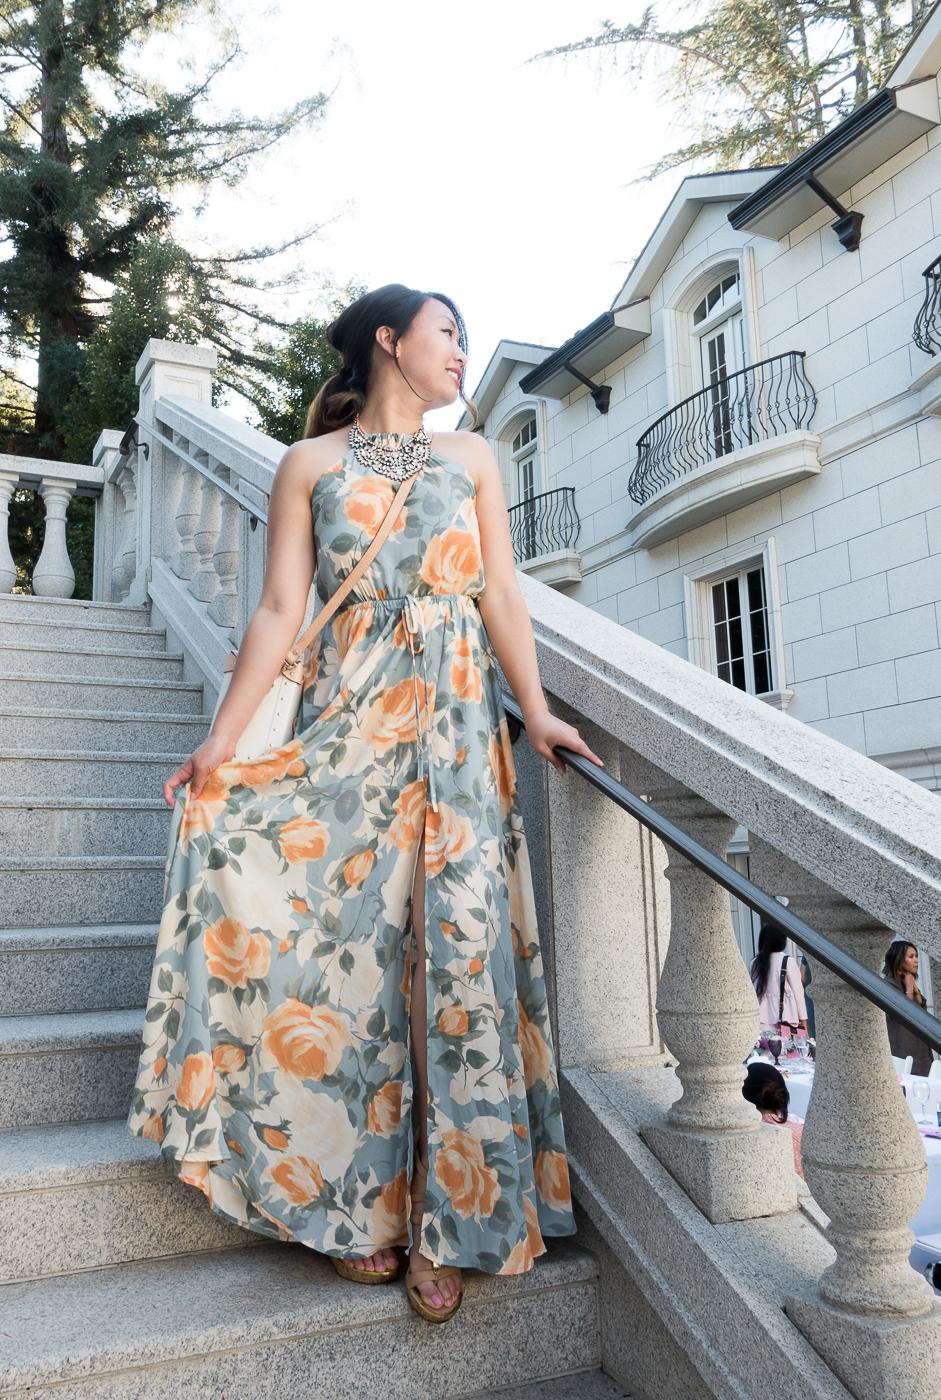 Lulu's Precious Memories Light Blue & Peach Floral Maxi Dress   The Chic Diary